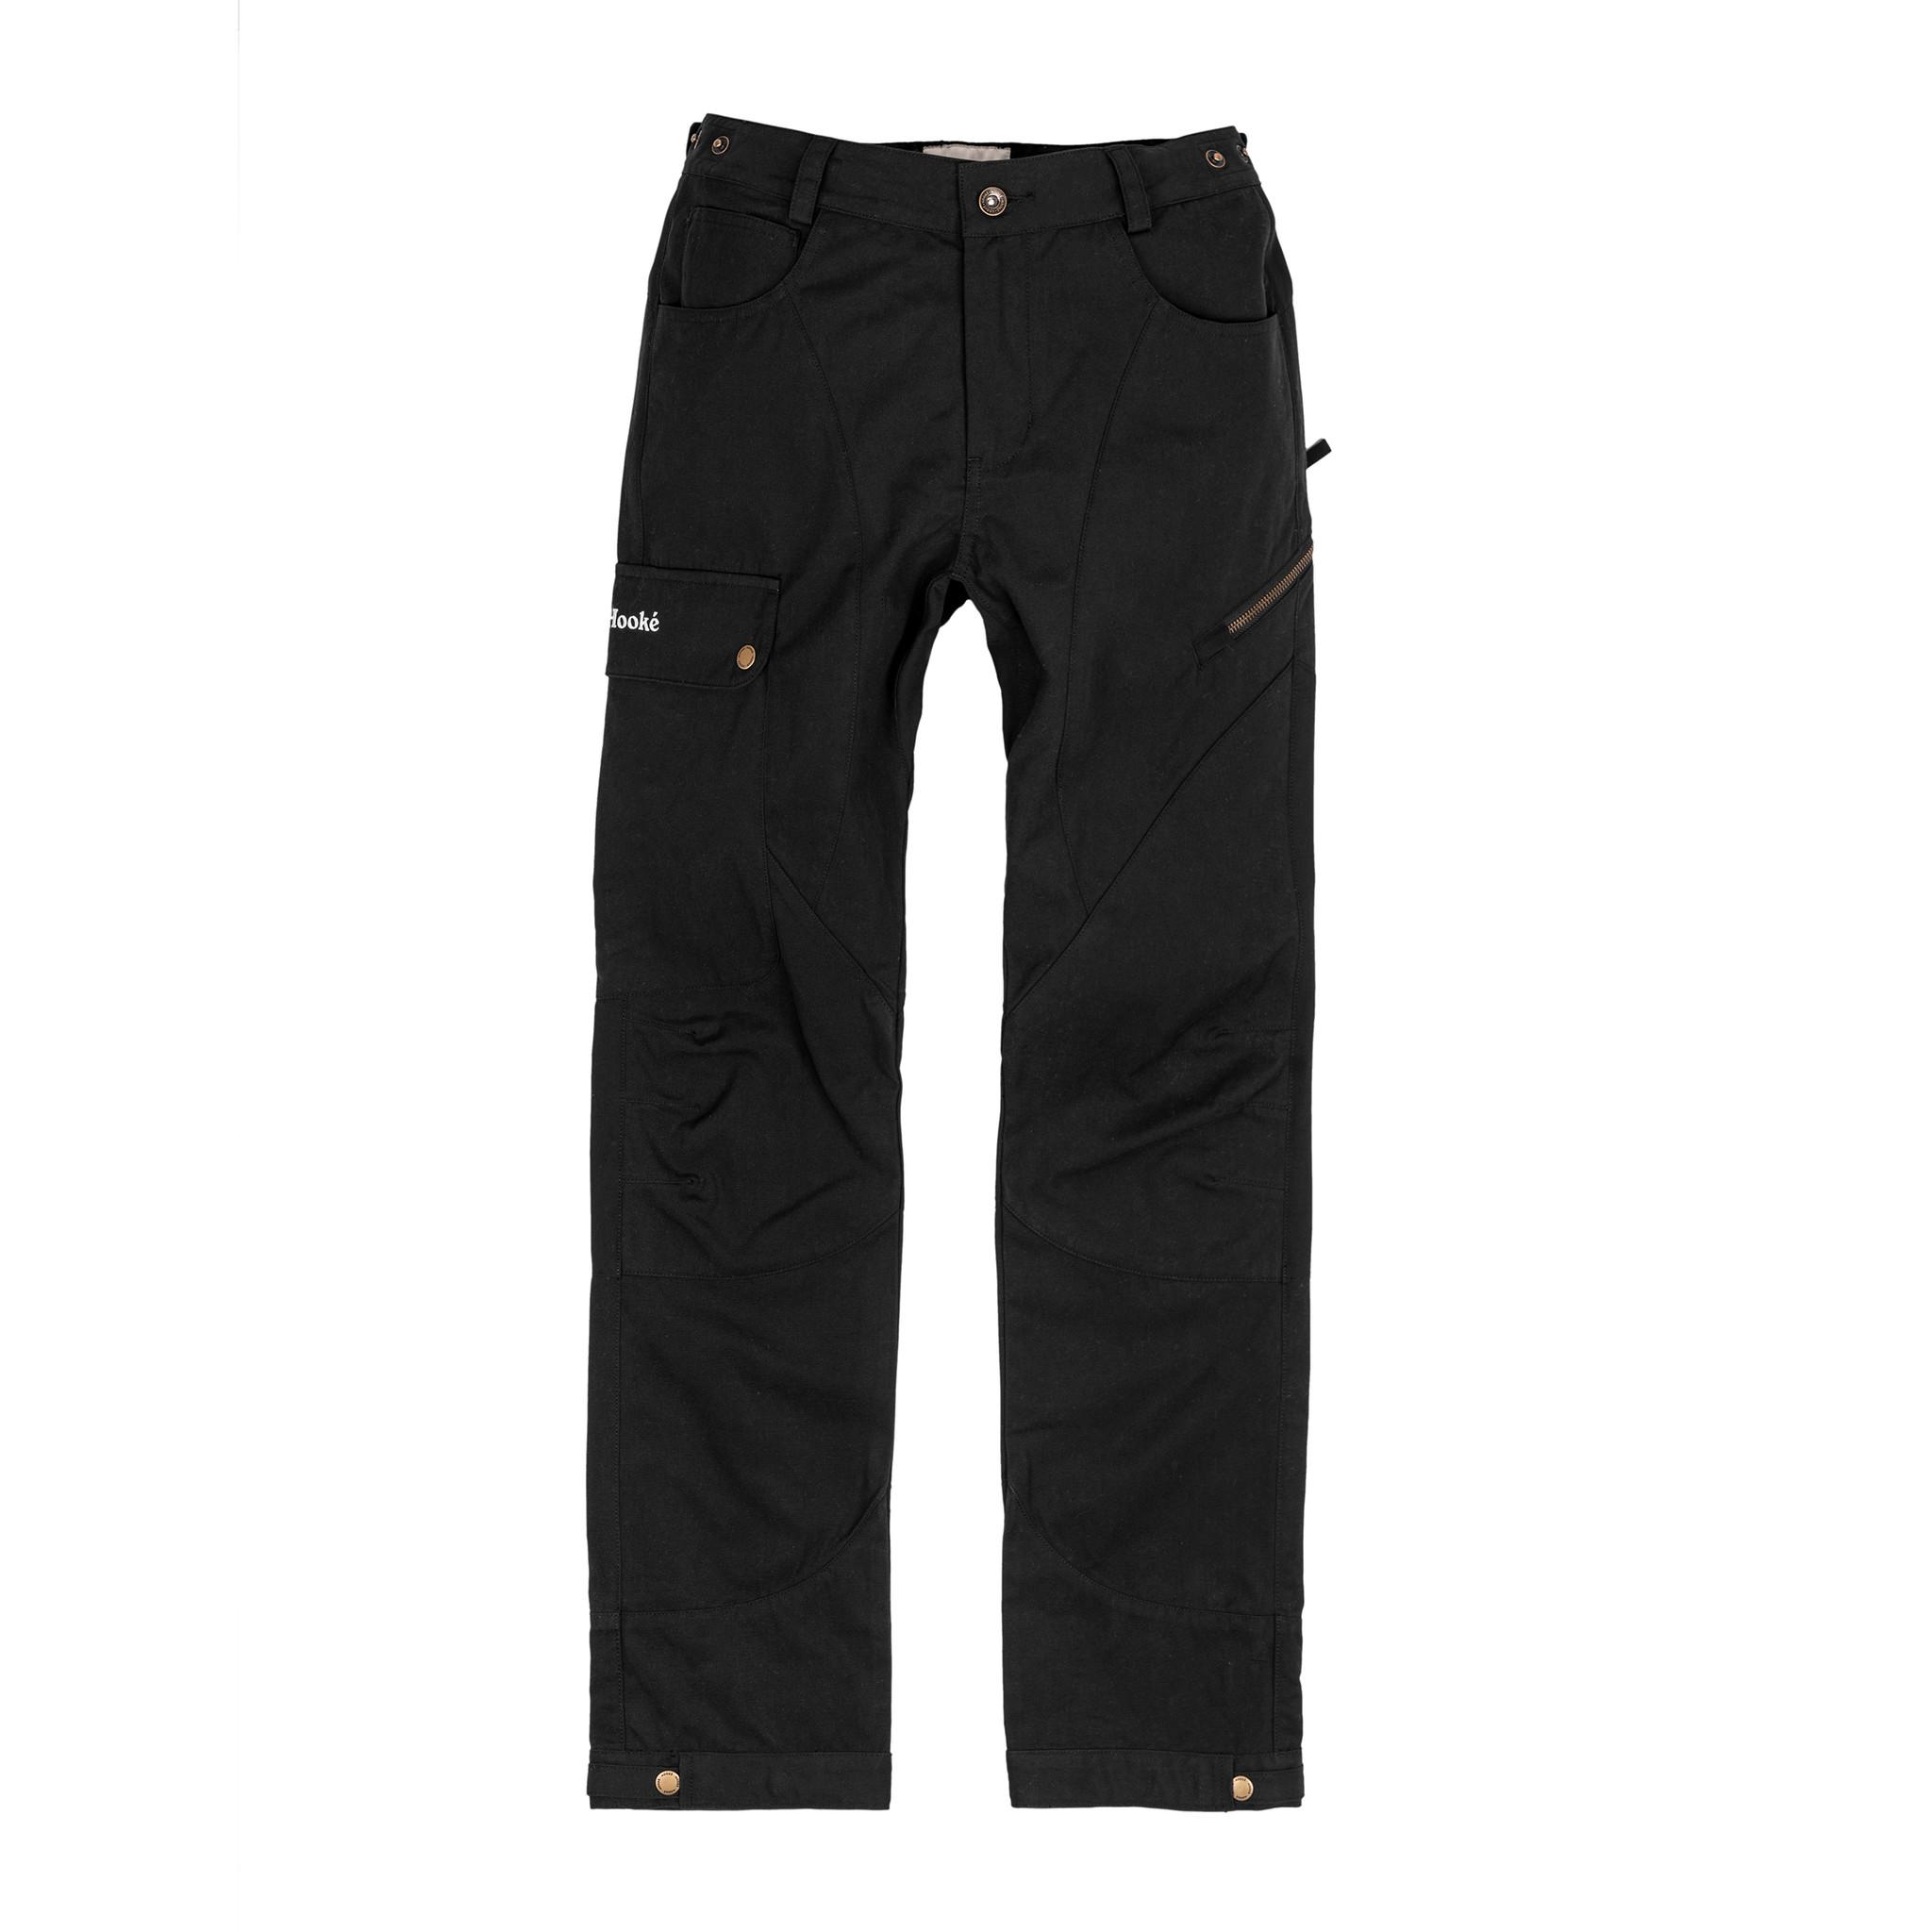 Women's Offroad Pants